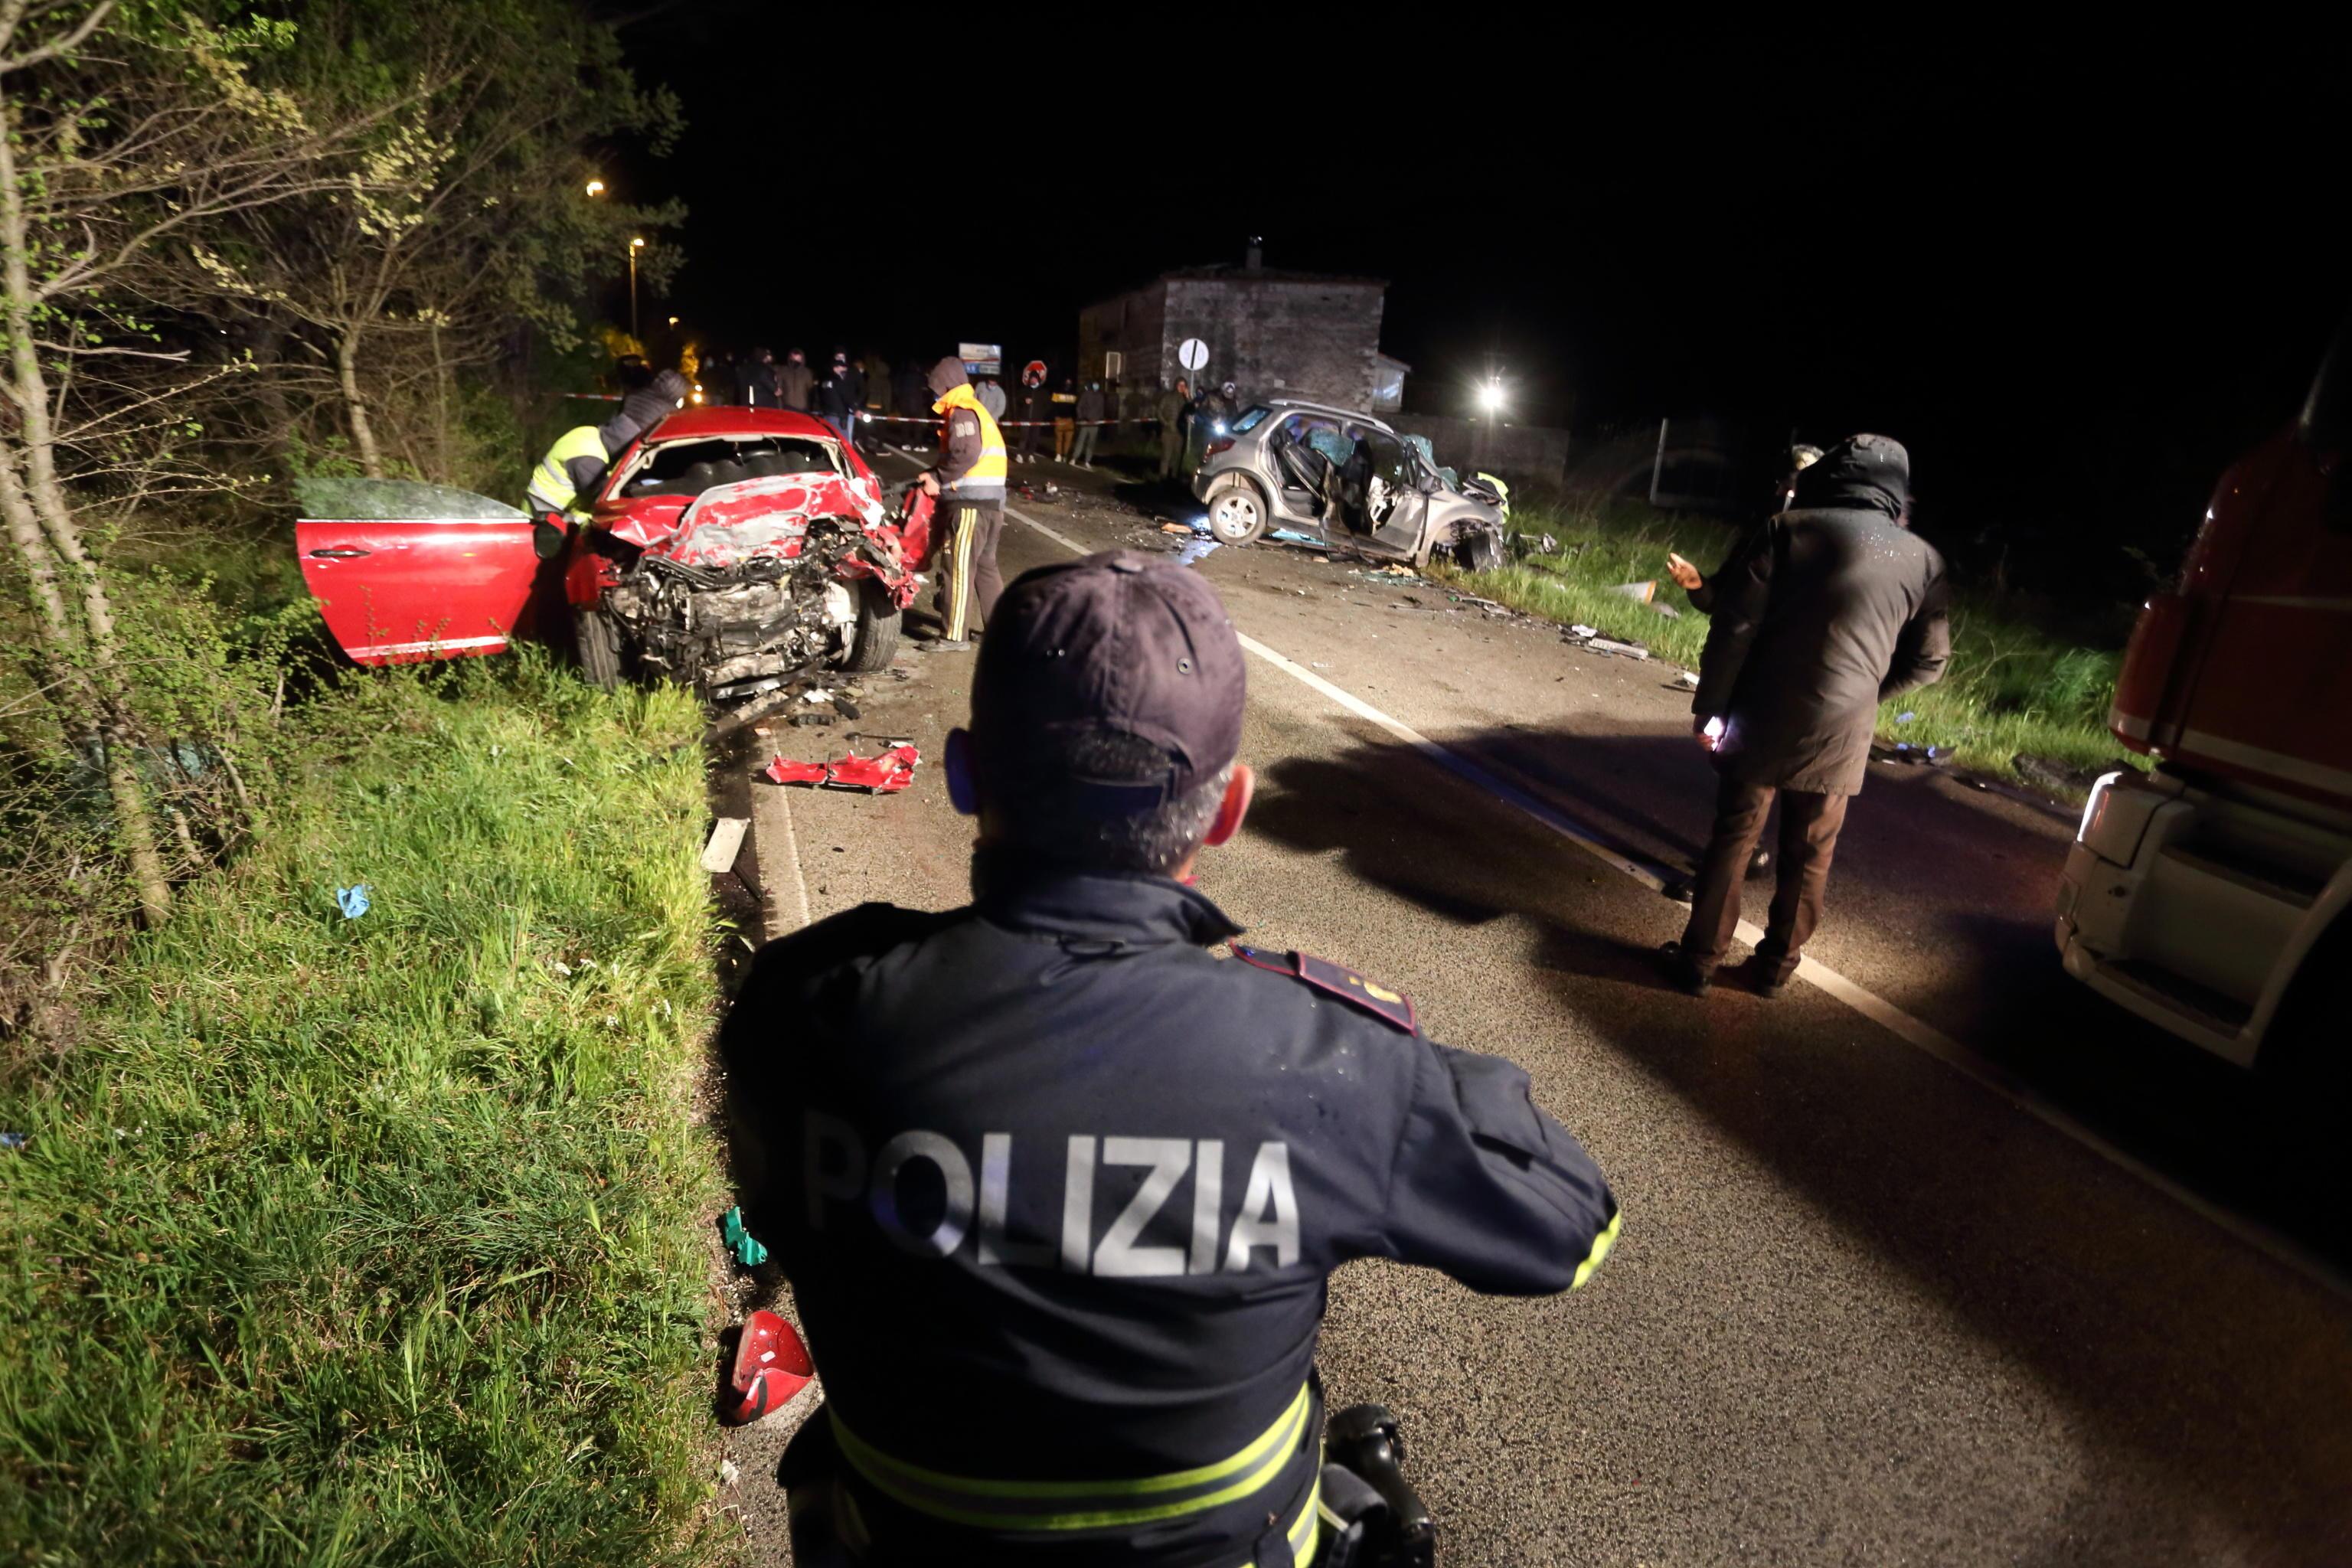 Tragedia in diretta social. Frontale sulla Casilina: 4 morti, tre sono ventenni